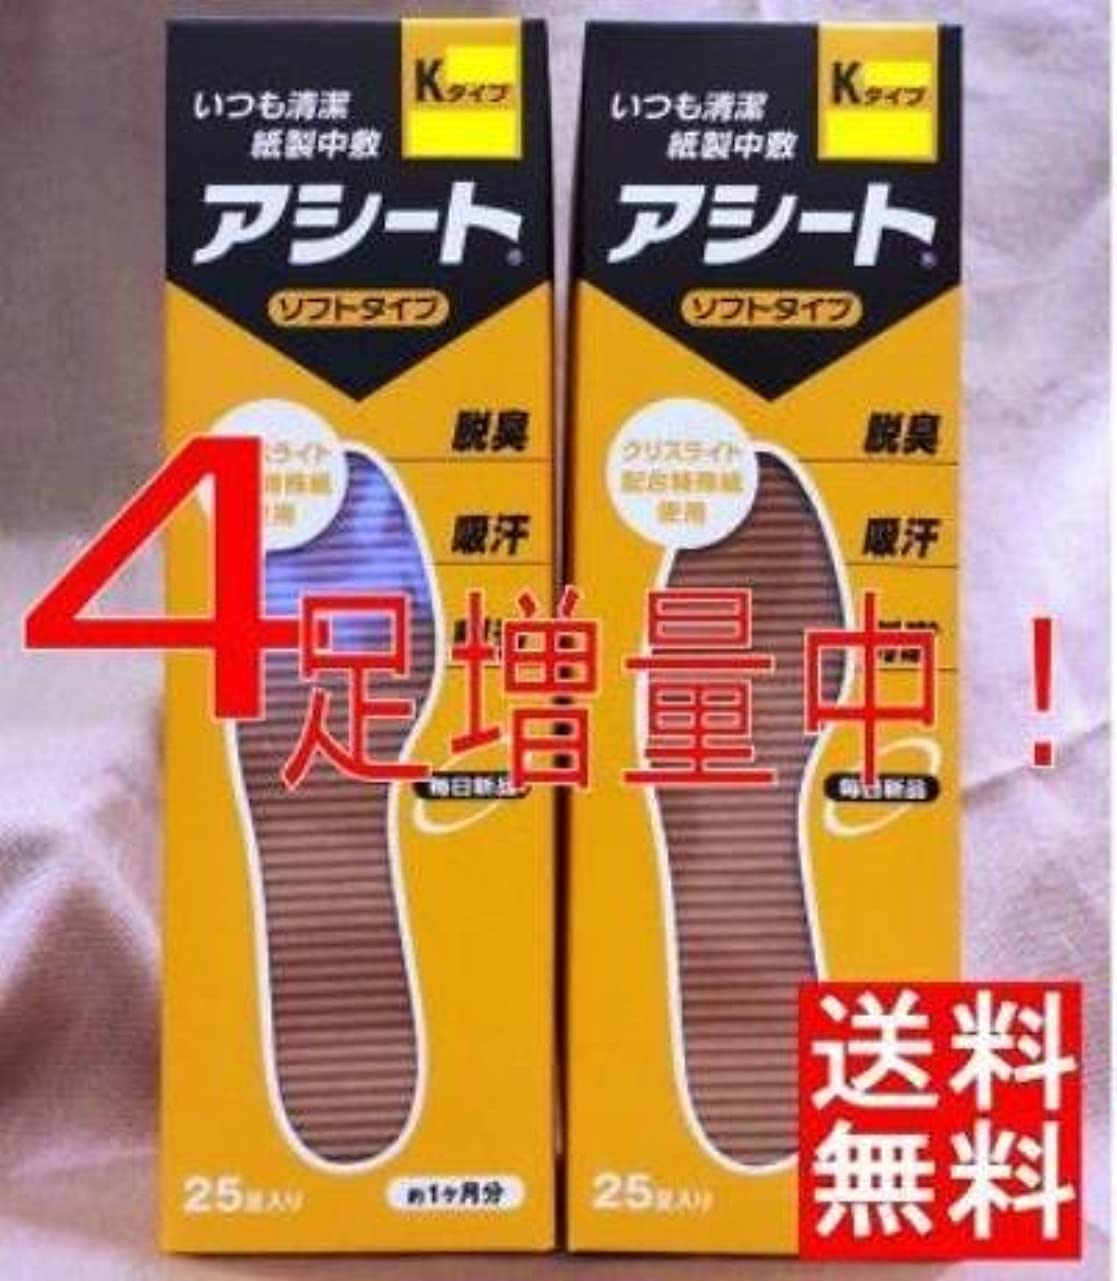 防腐剤一見習いアシートK(サイズ25cm)×2箱セット(4足増量中)